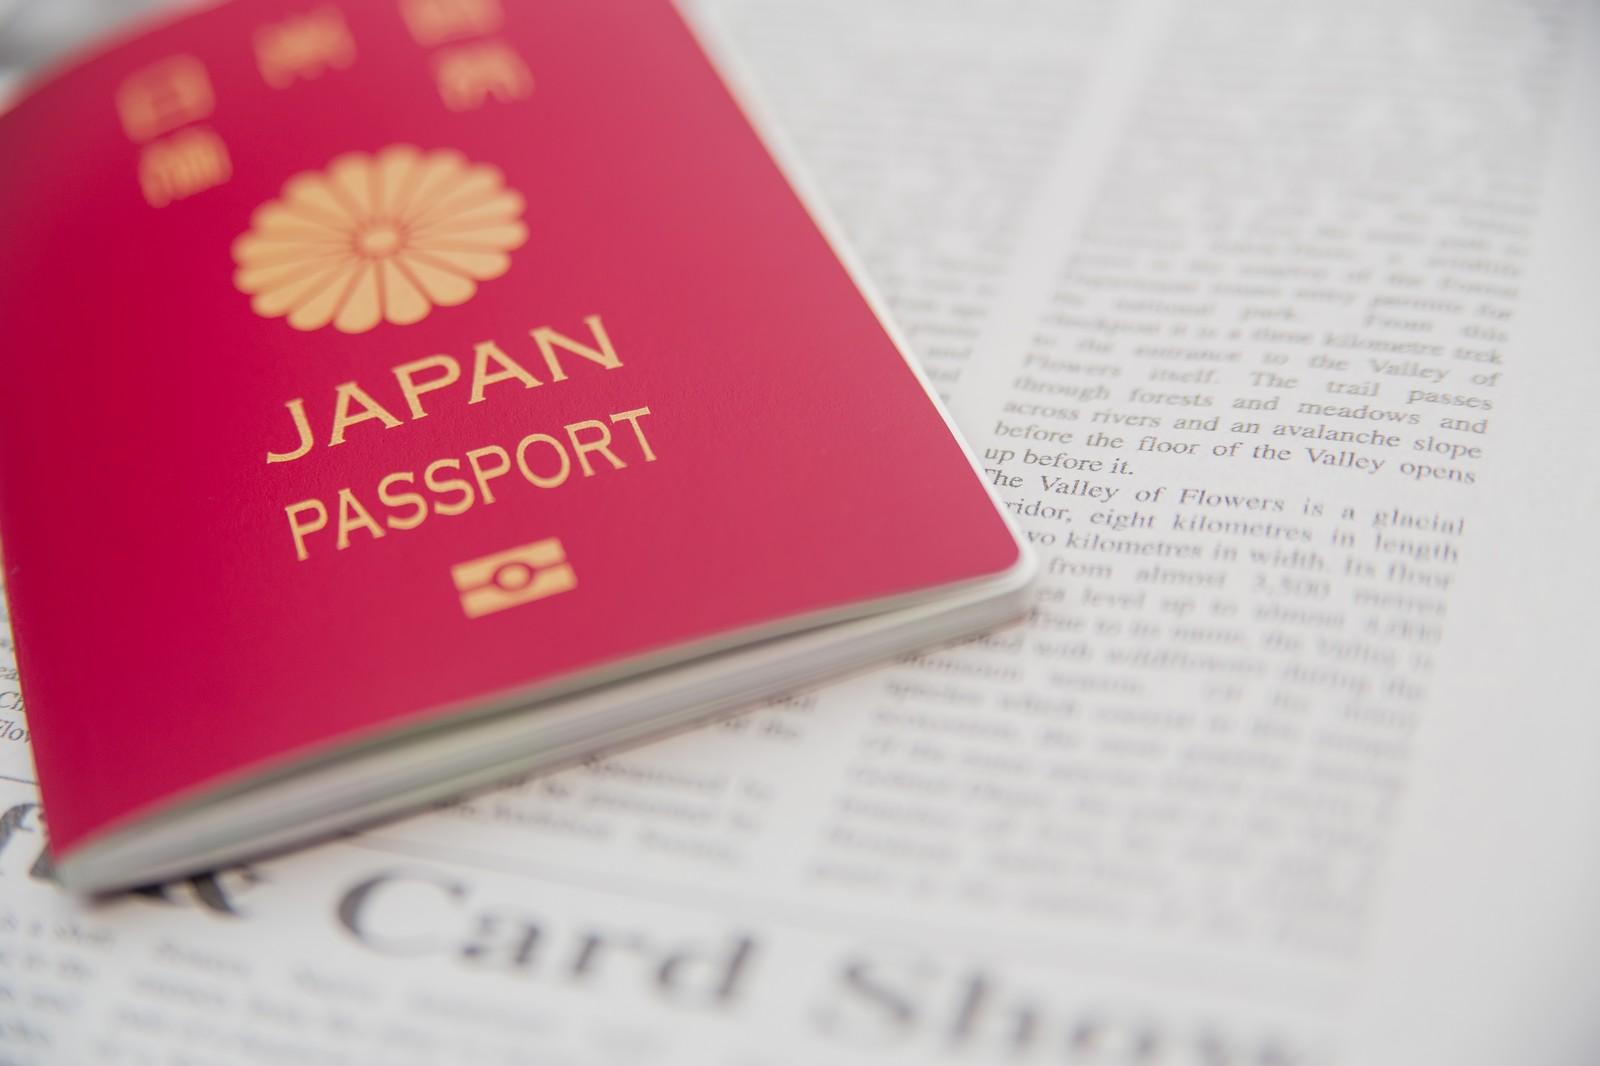 MS251_japanpassport_TP_V_20180309164135155.jpg